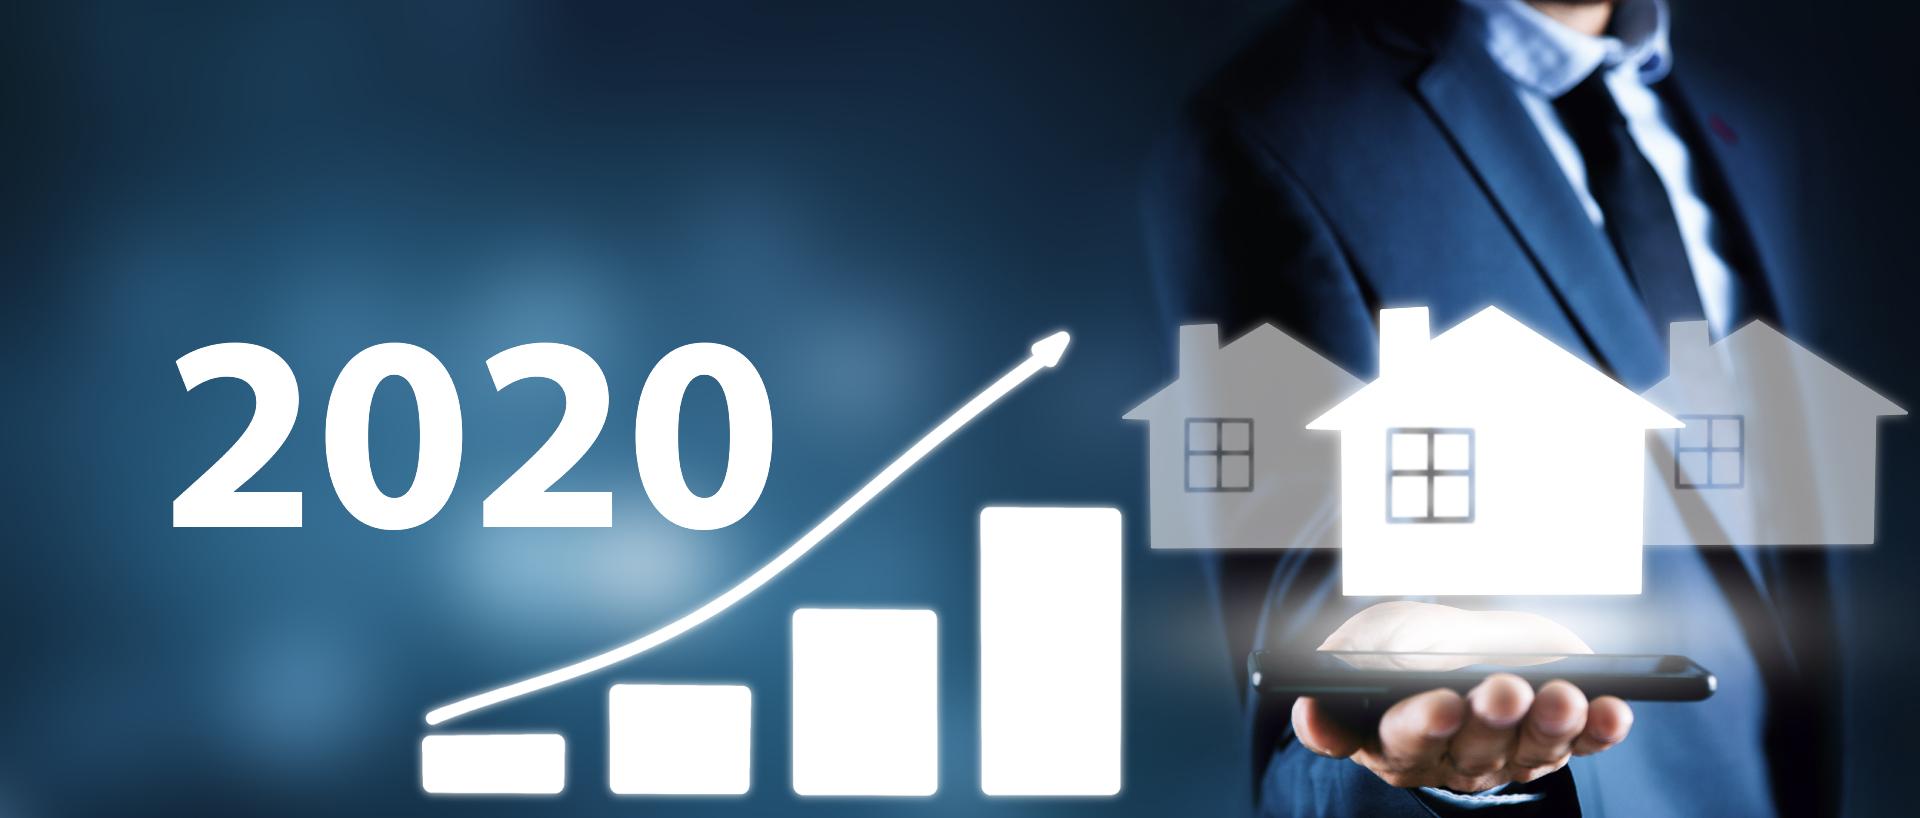 Почти 75% сделок с новостройками в Московской области в 2020 году совершалось с использованием ипотечных средств